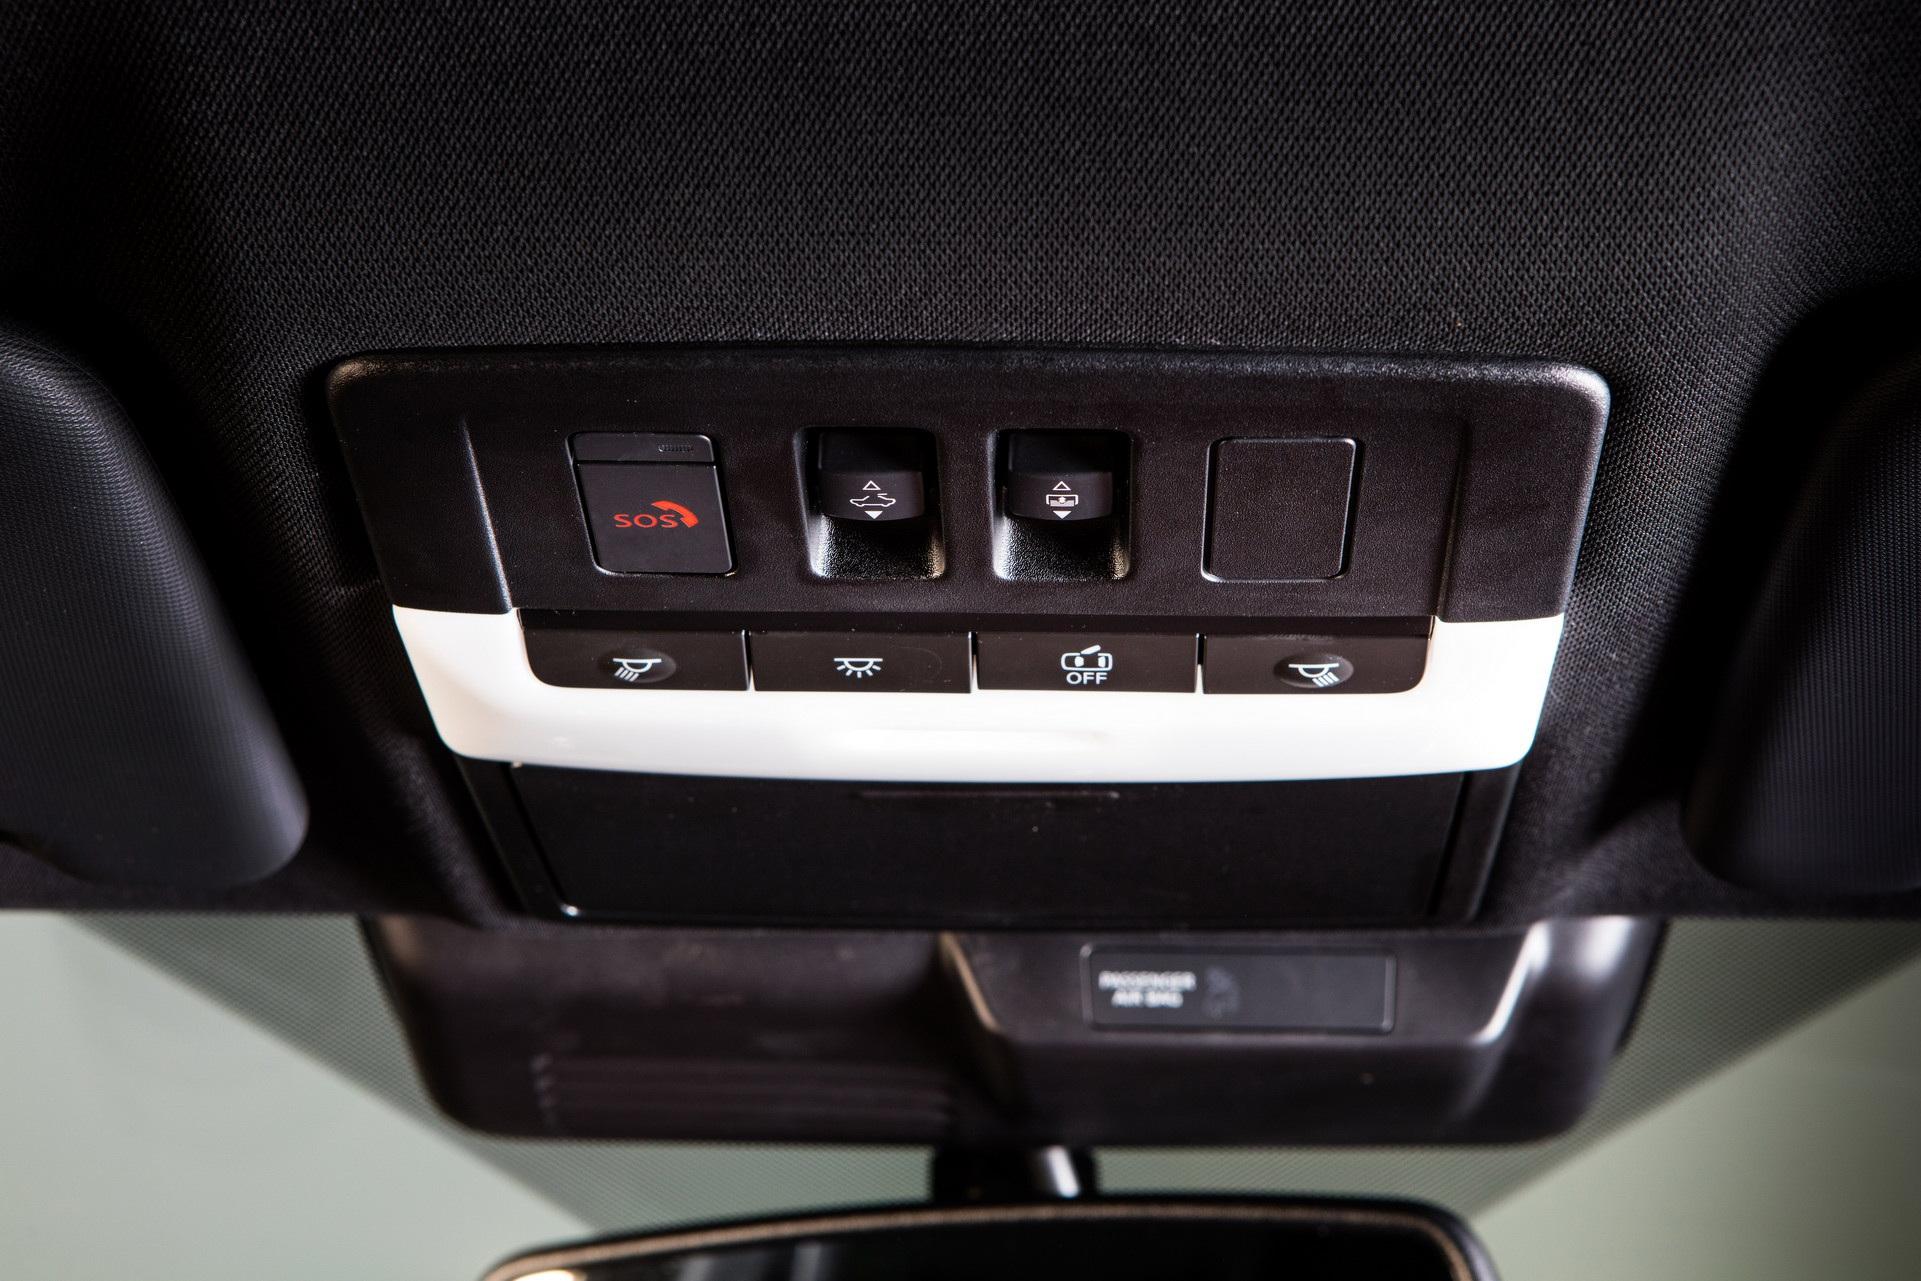 Mitsubishi Outlander 2022 ghi điểm về thiết kế, bị trừ điểm động cơ - 37